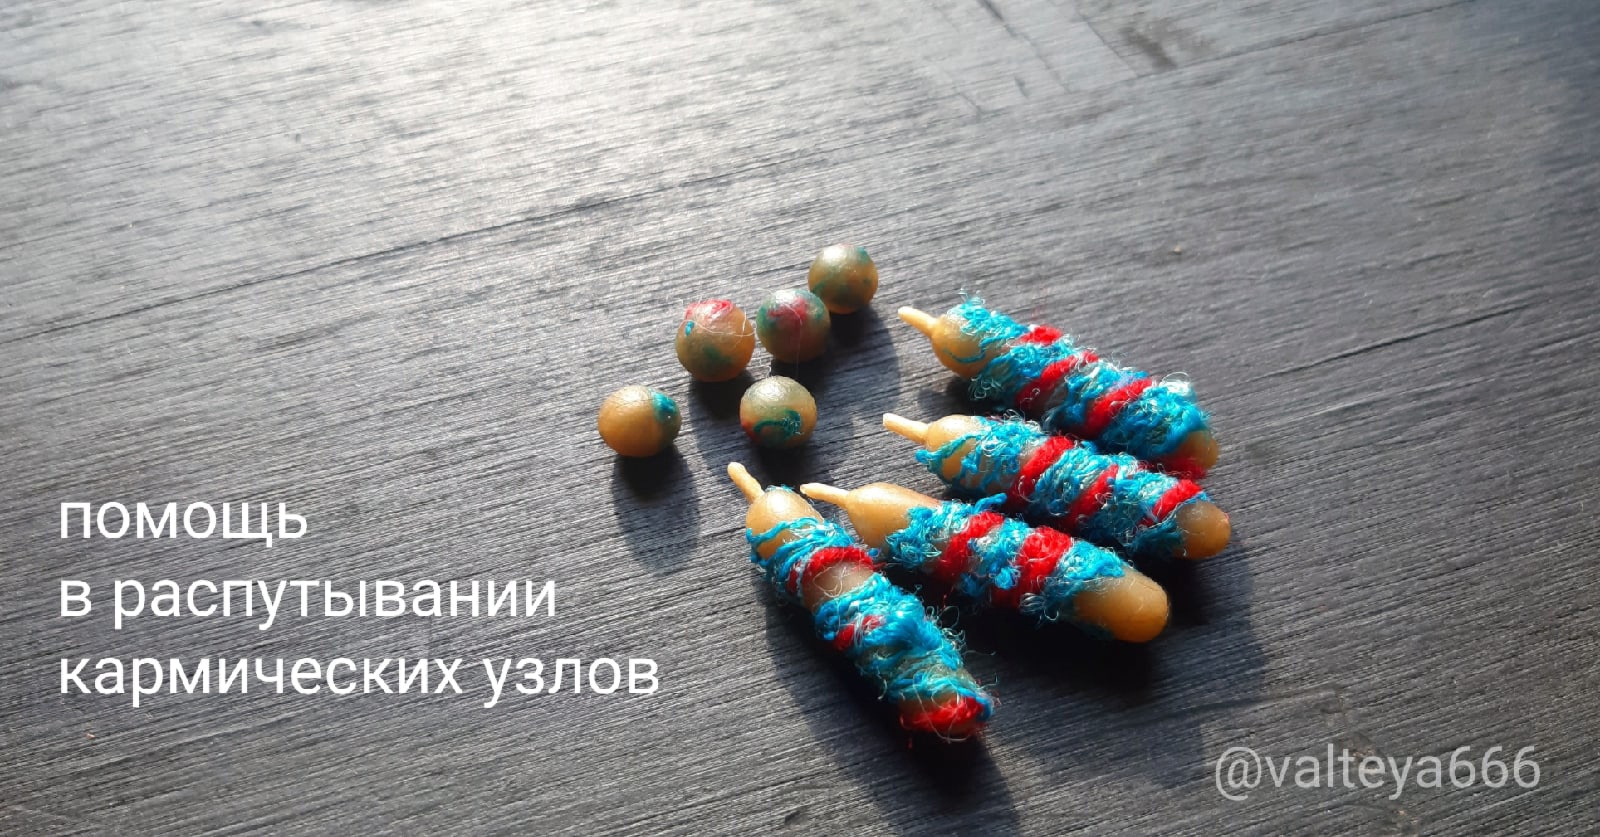 Программы от Елены Руденко - Страница 4 H_GsuBiINZ8